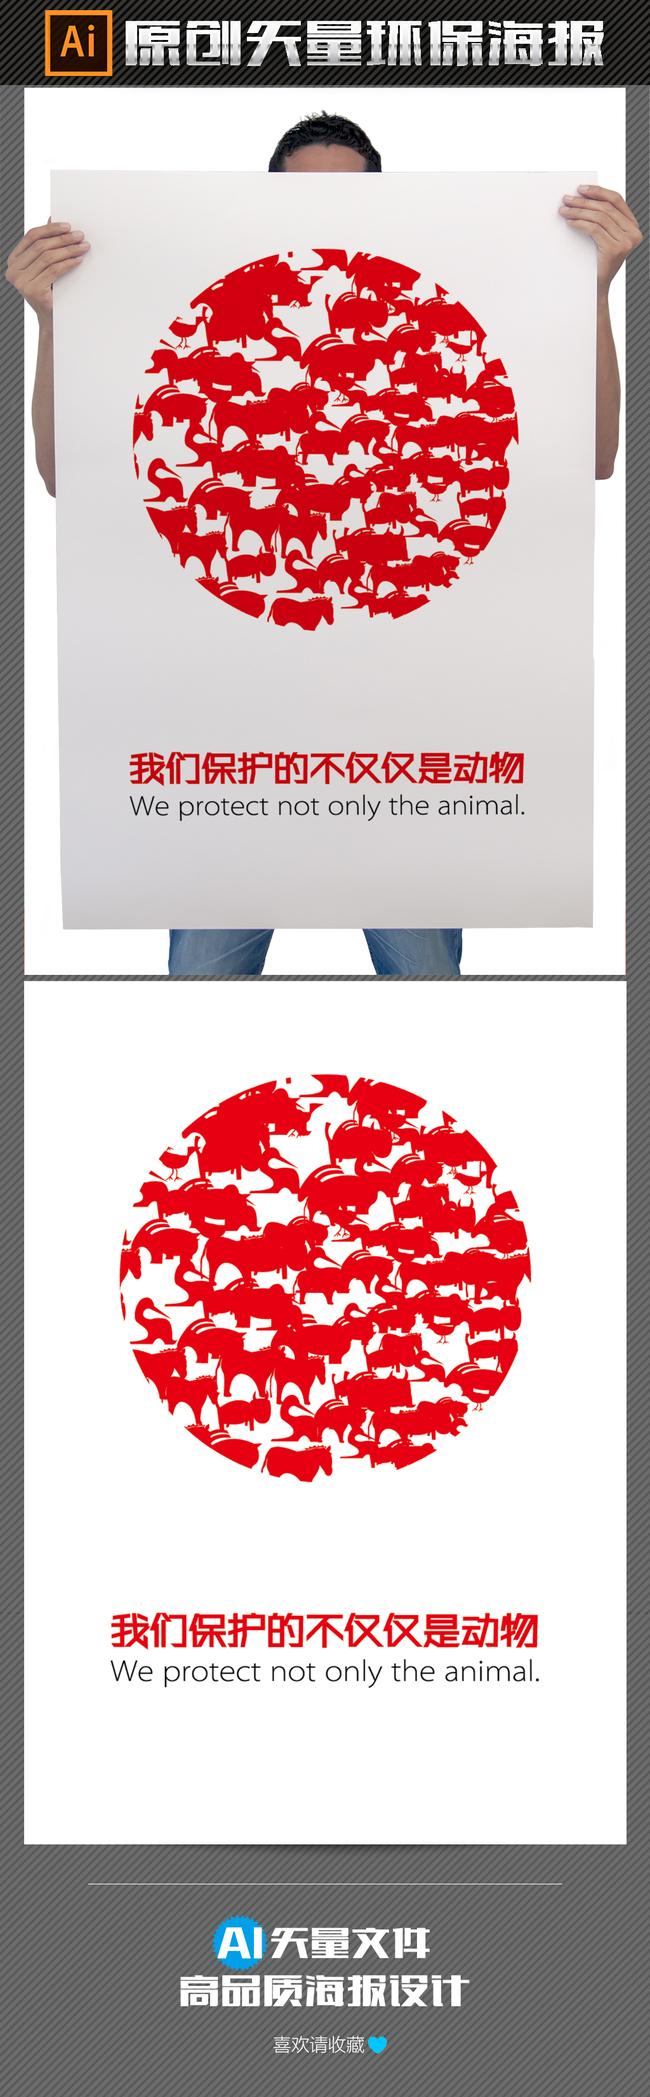 保护动物原创环保公益海报